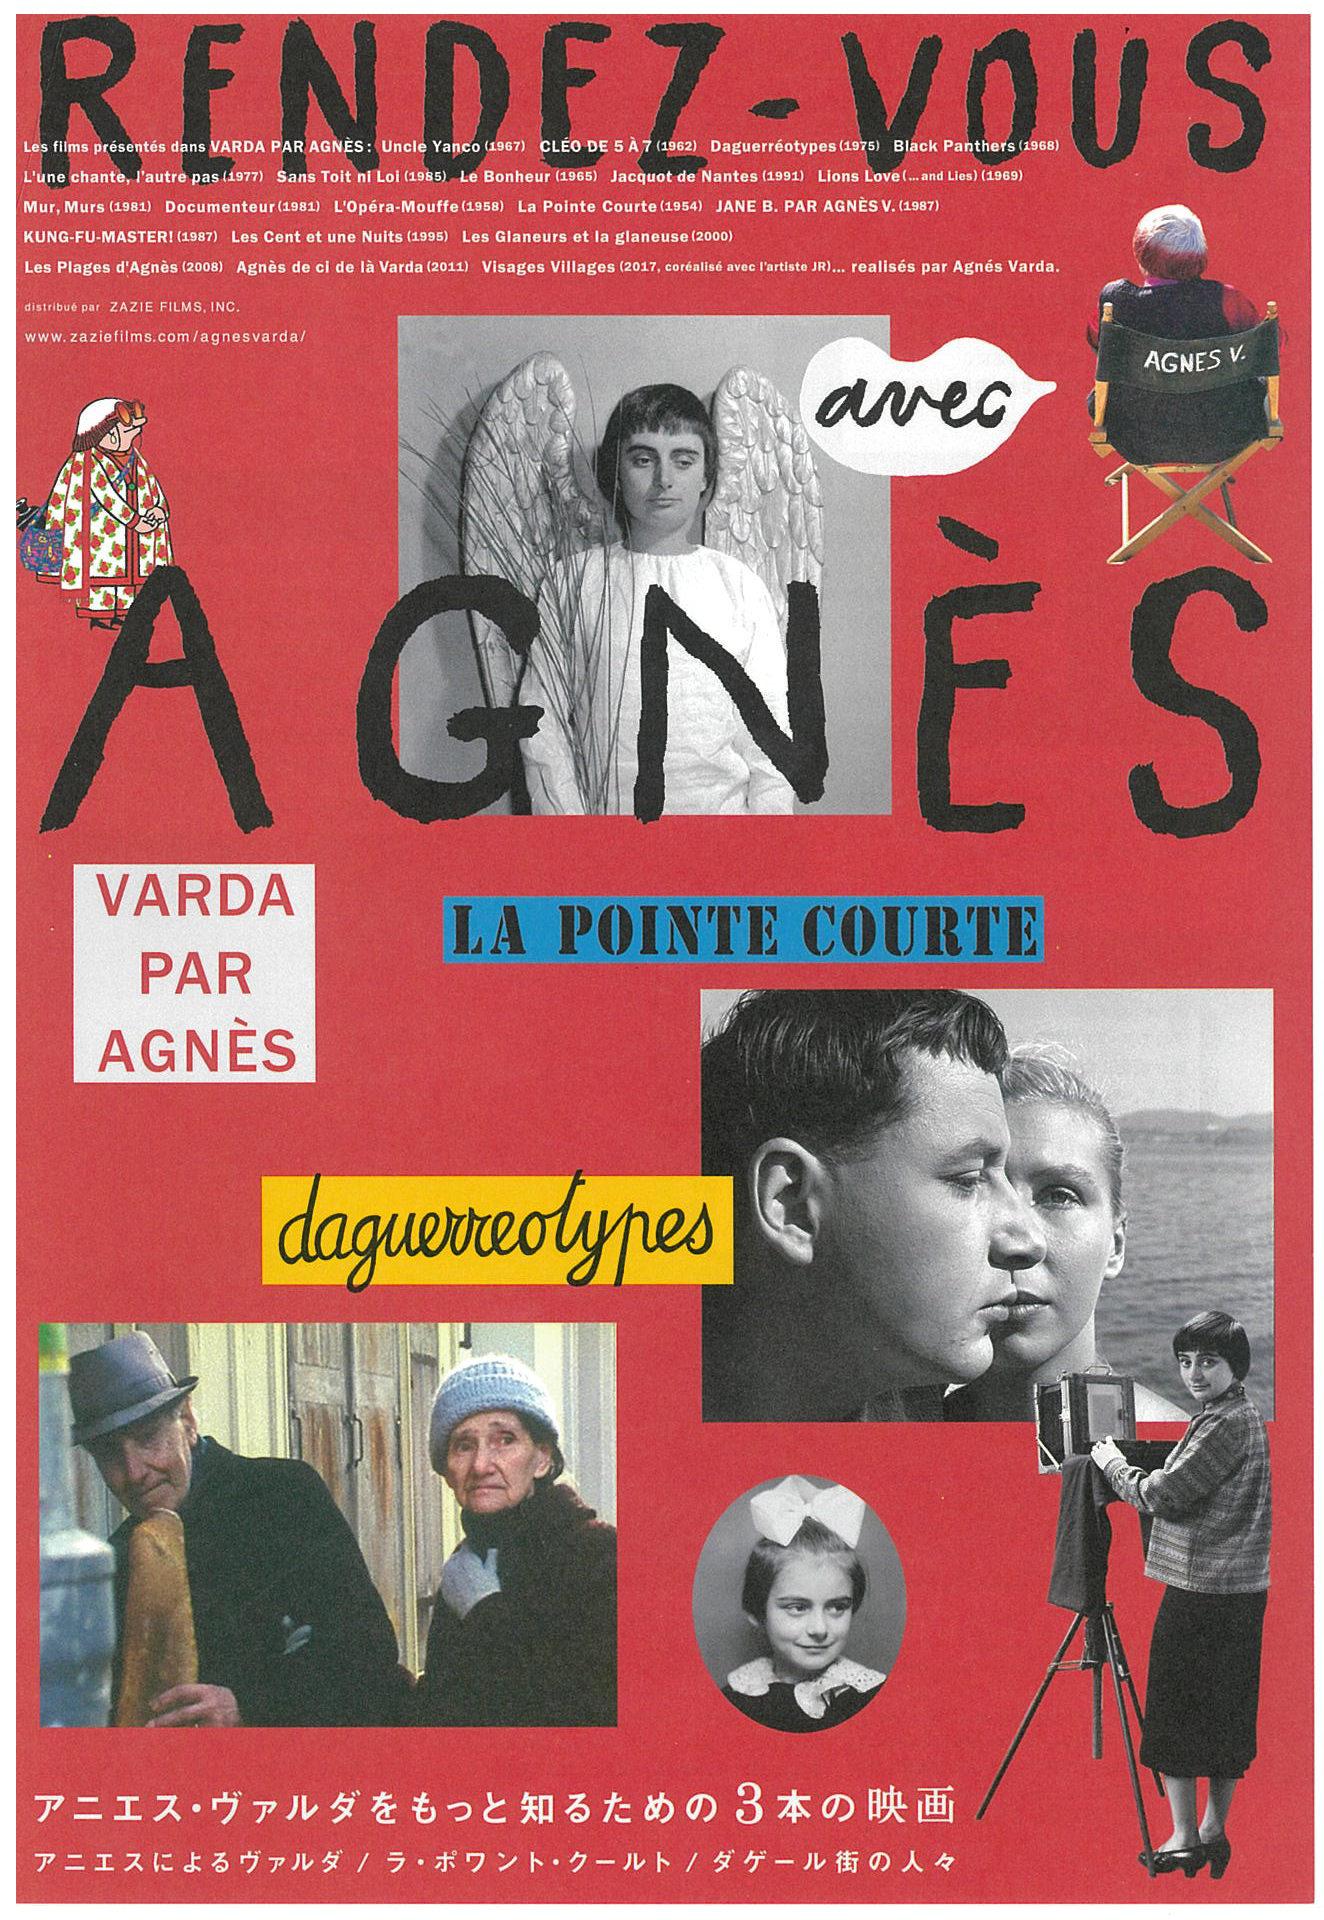 <お知らせ>アニエス・ヴァルダをもっと知るための3本の映画